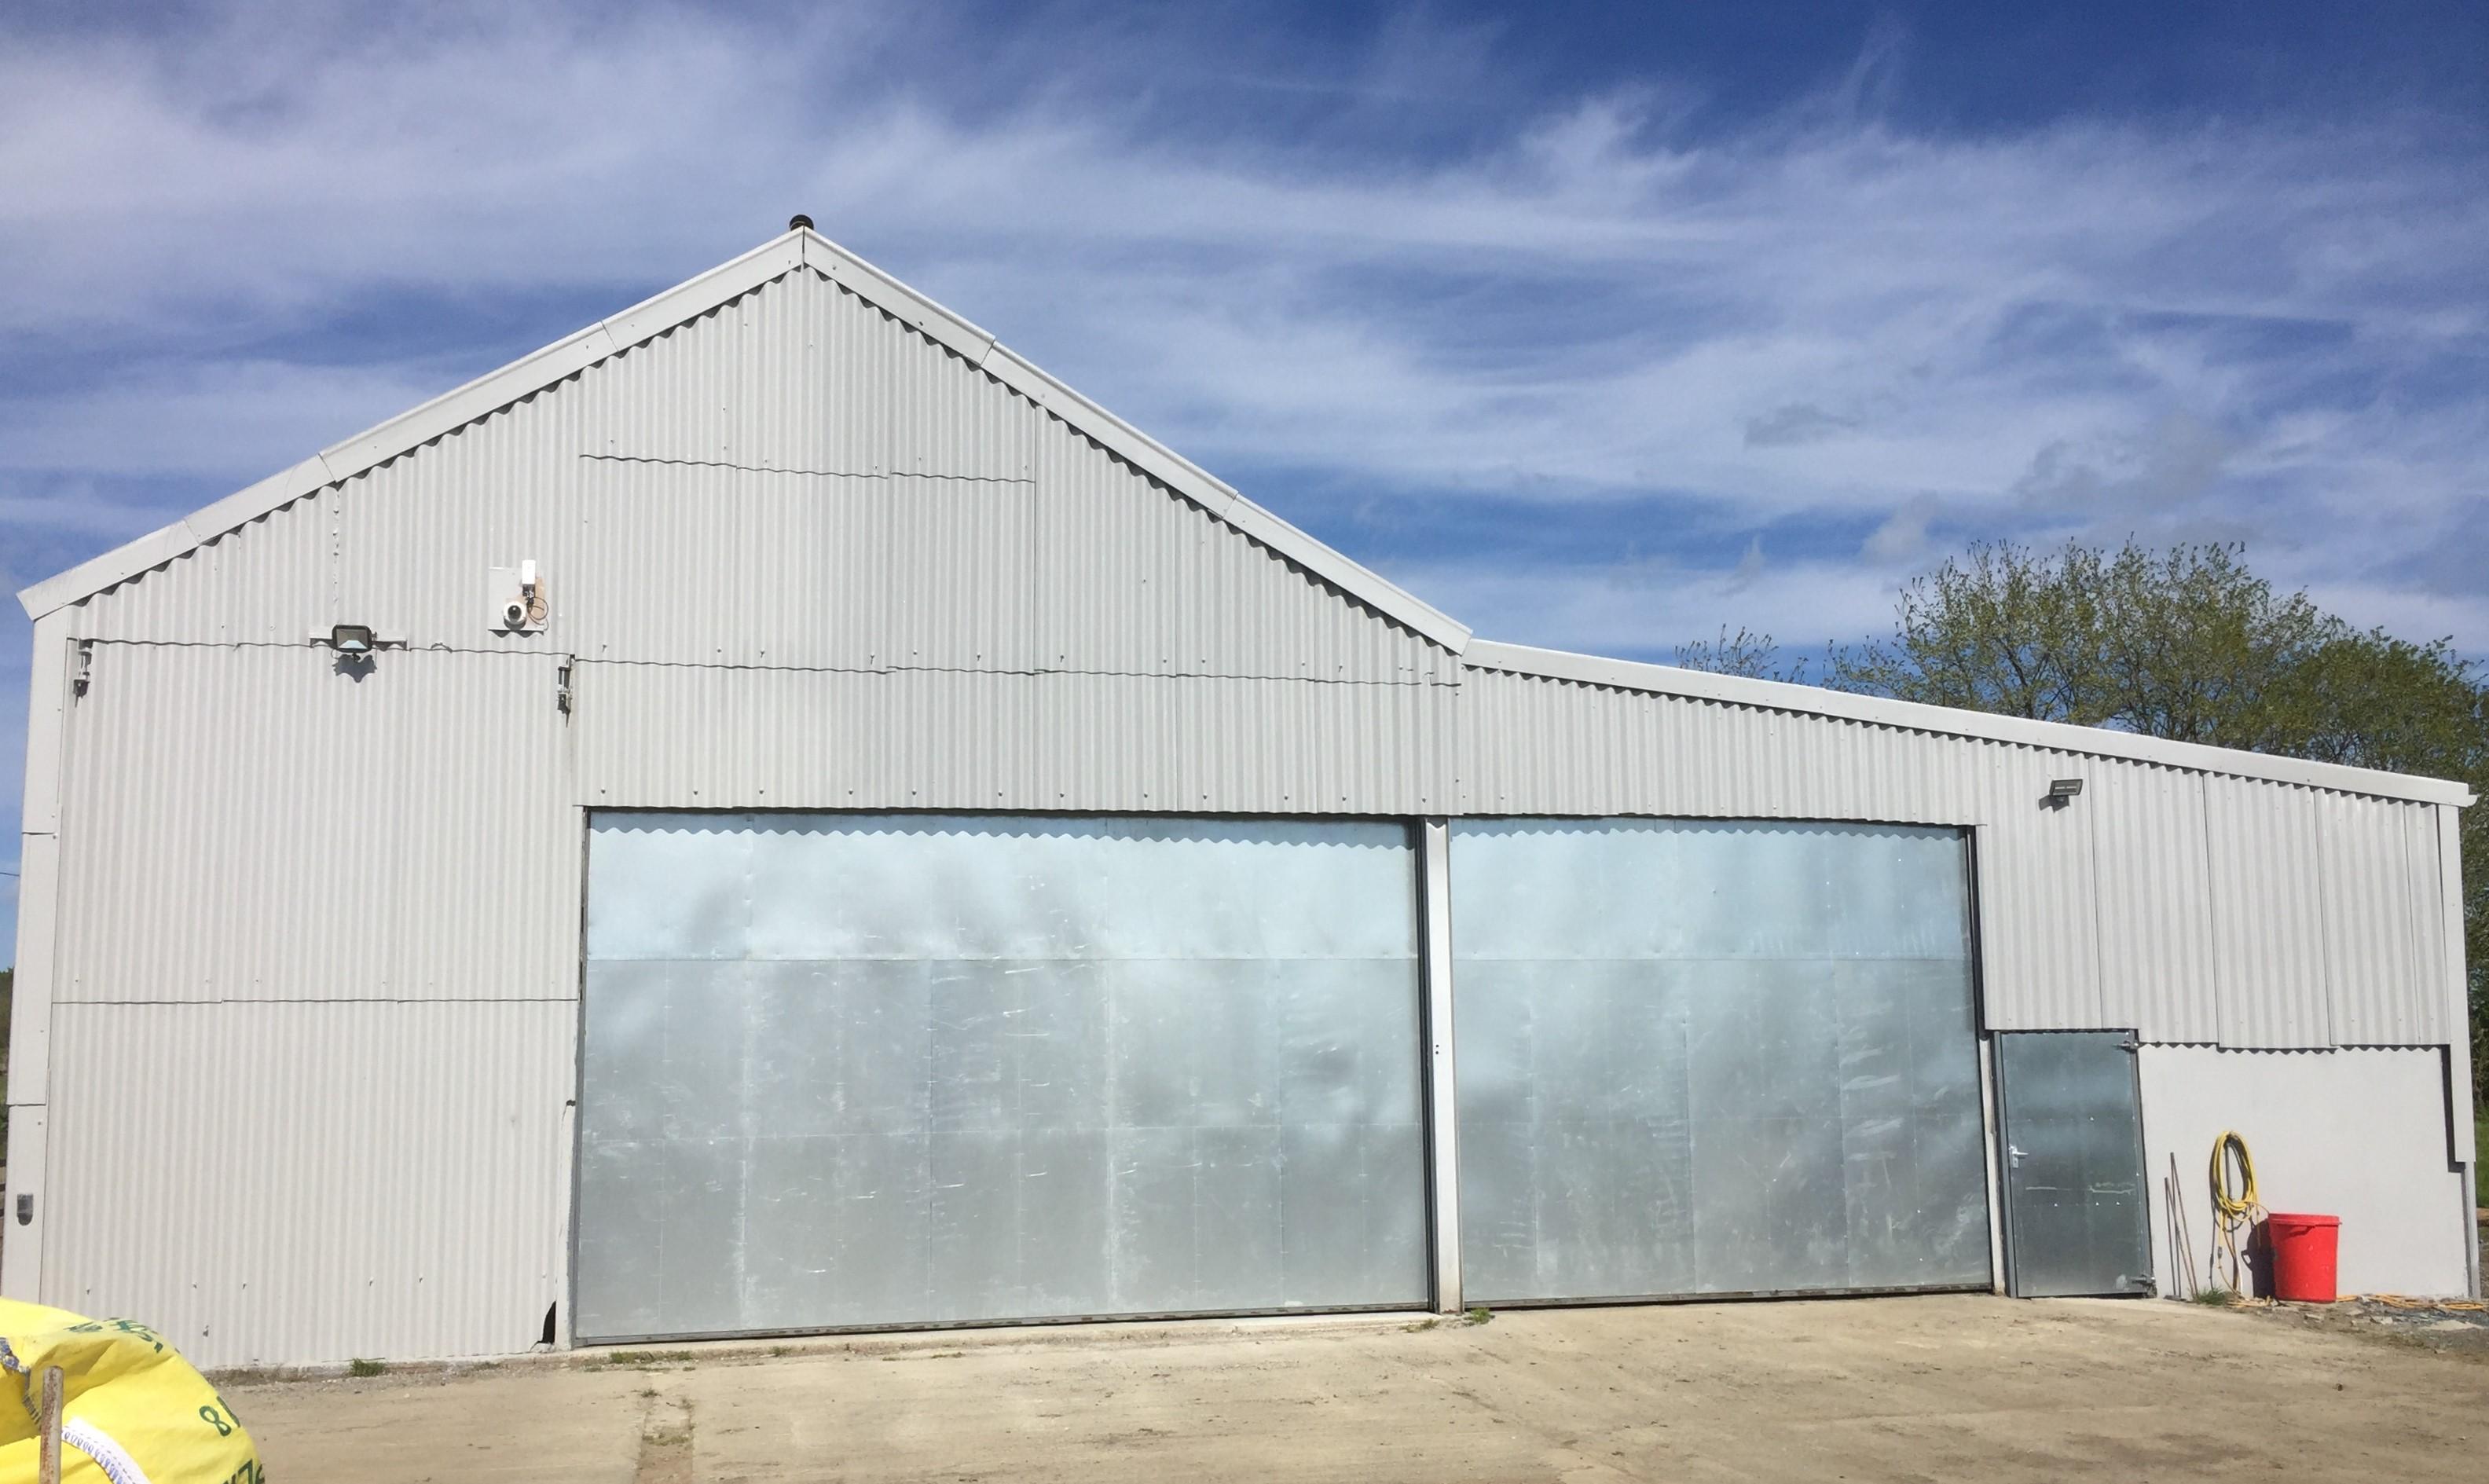 repaired asbestos barn